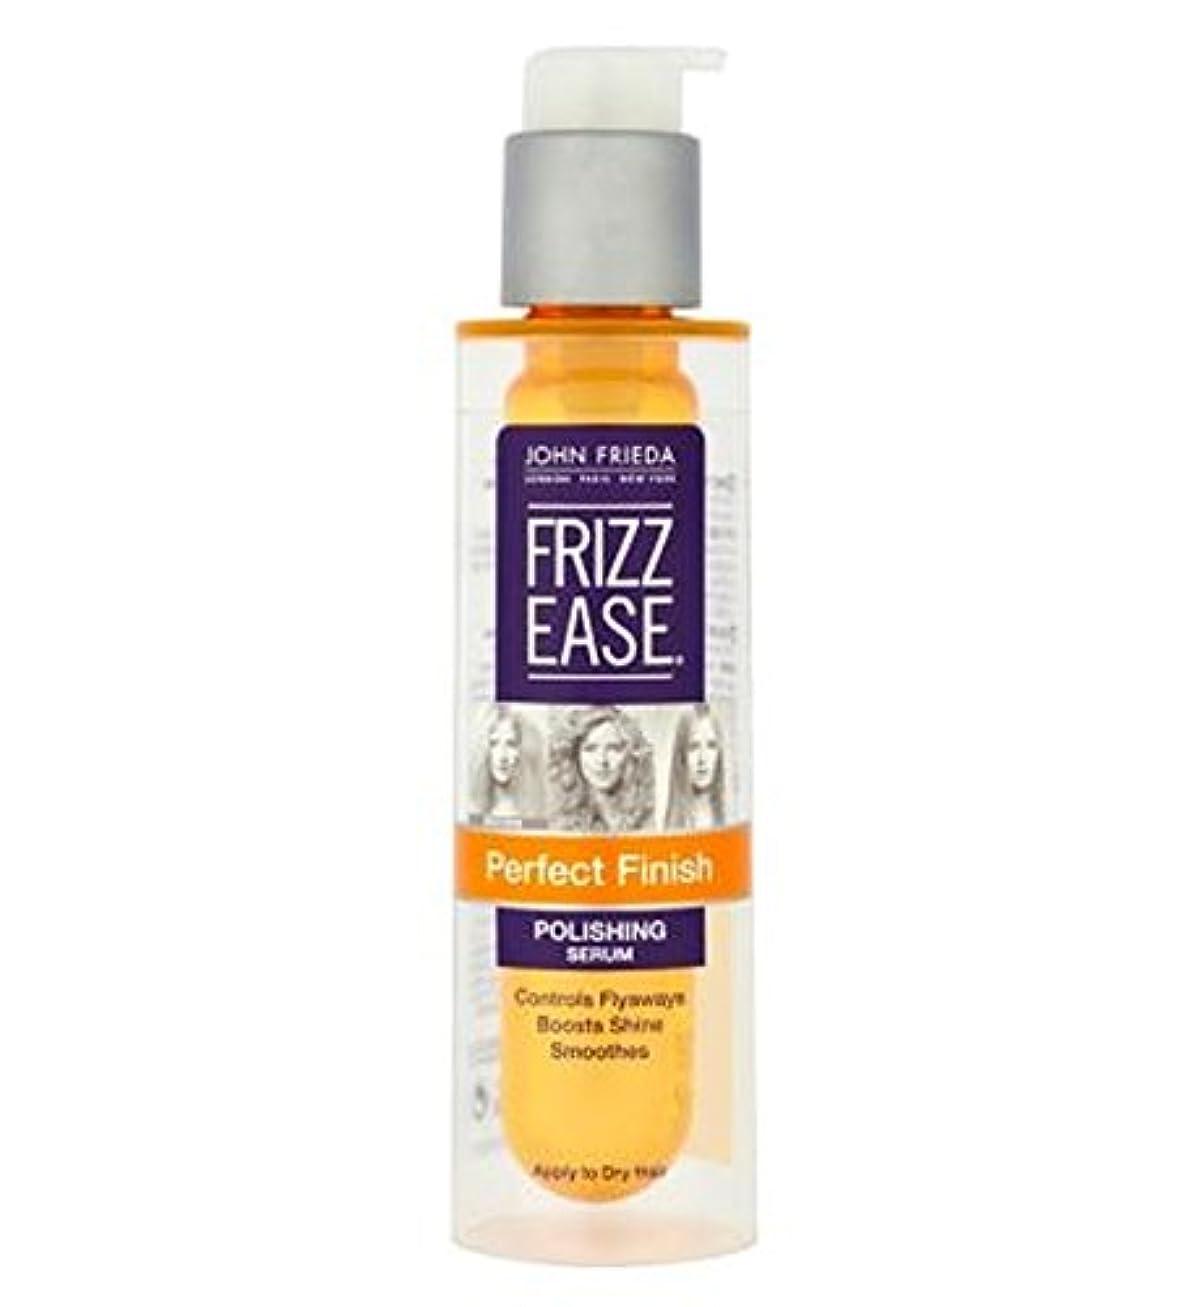 政府車両小数John Frieda Frizz-Ease Perfect Finish Polishing Serum 50ml - ジョン?フリーダ完璧な仕上げ研磨血清50ミリリットルを縮れ、容易に (John Frieda) [並行輸入品]